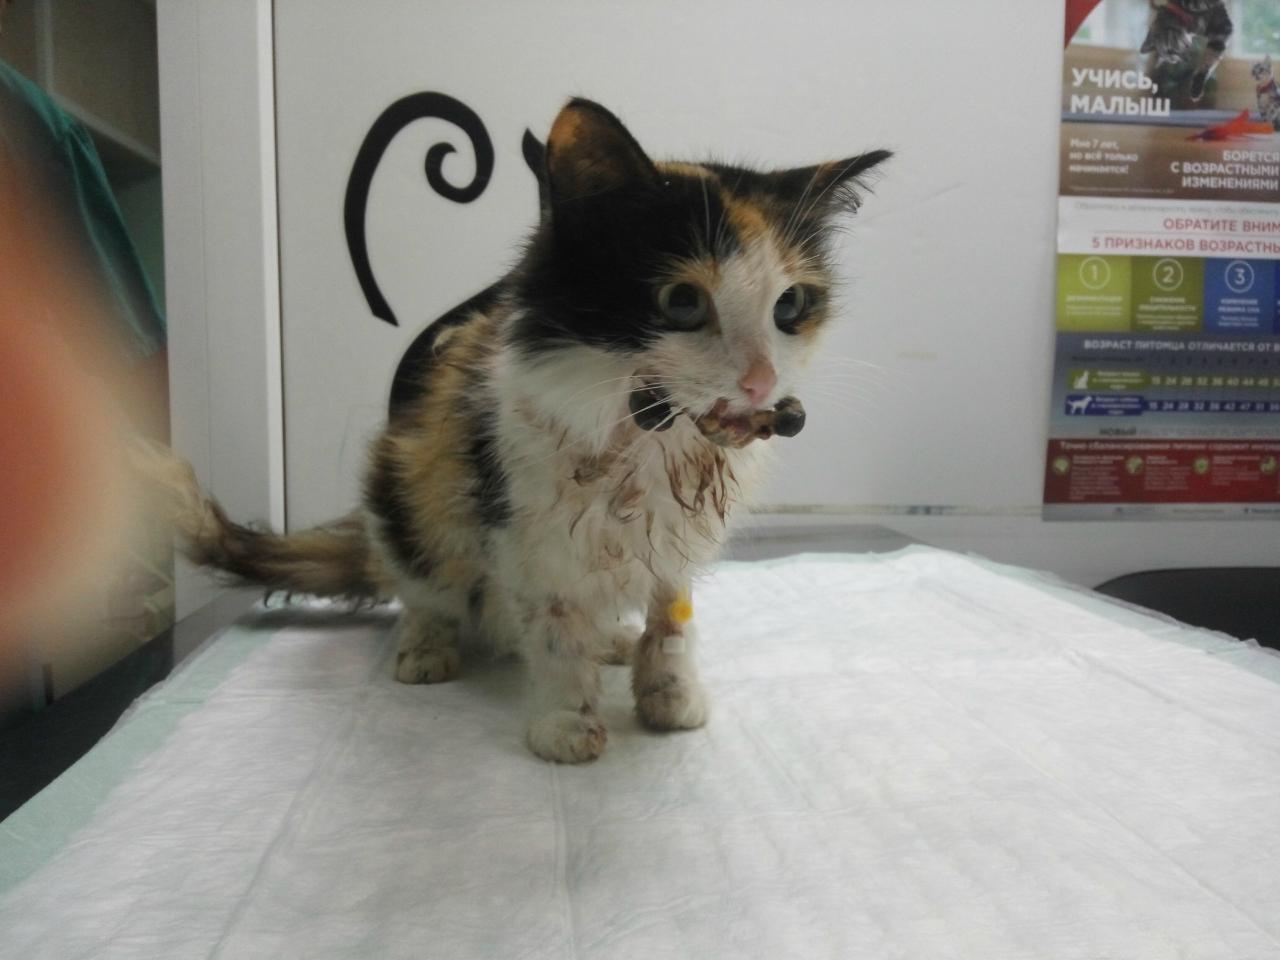 Maroosya Кошка Кристи с протезированной челюстью